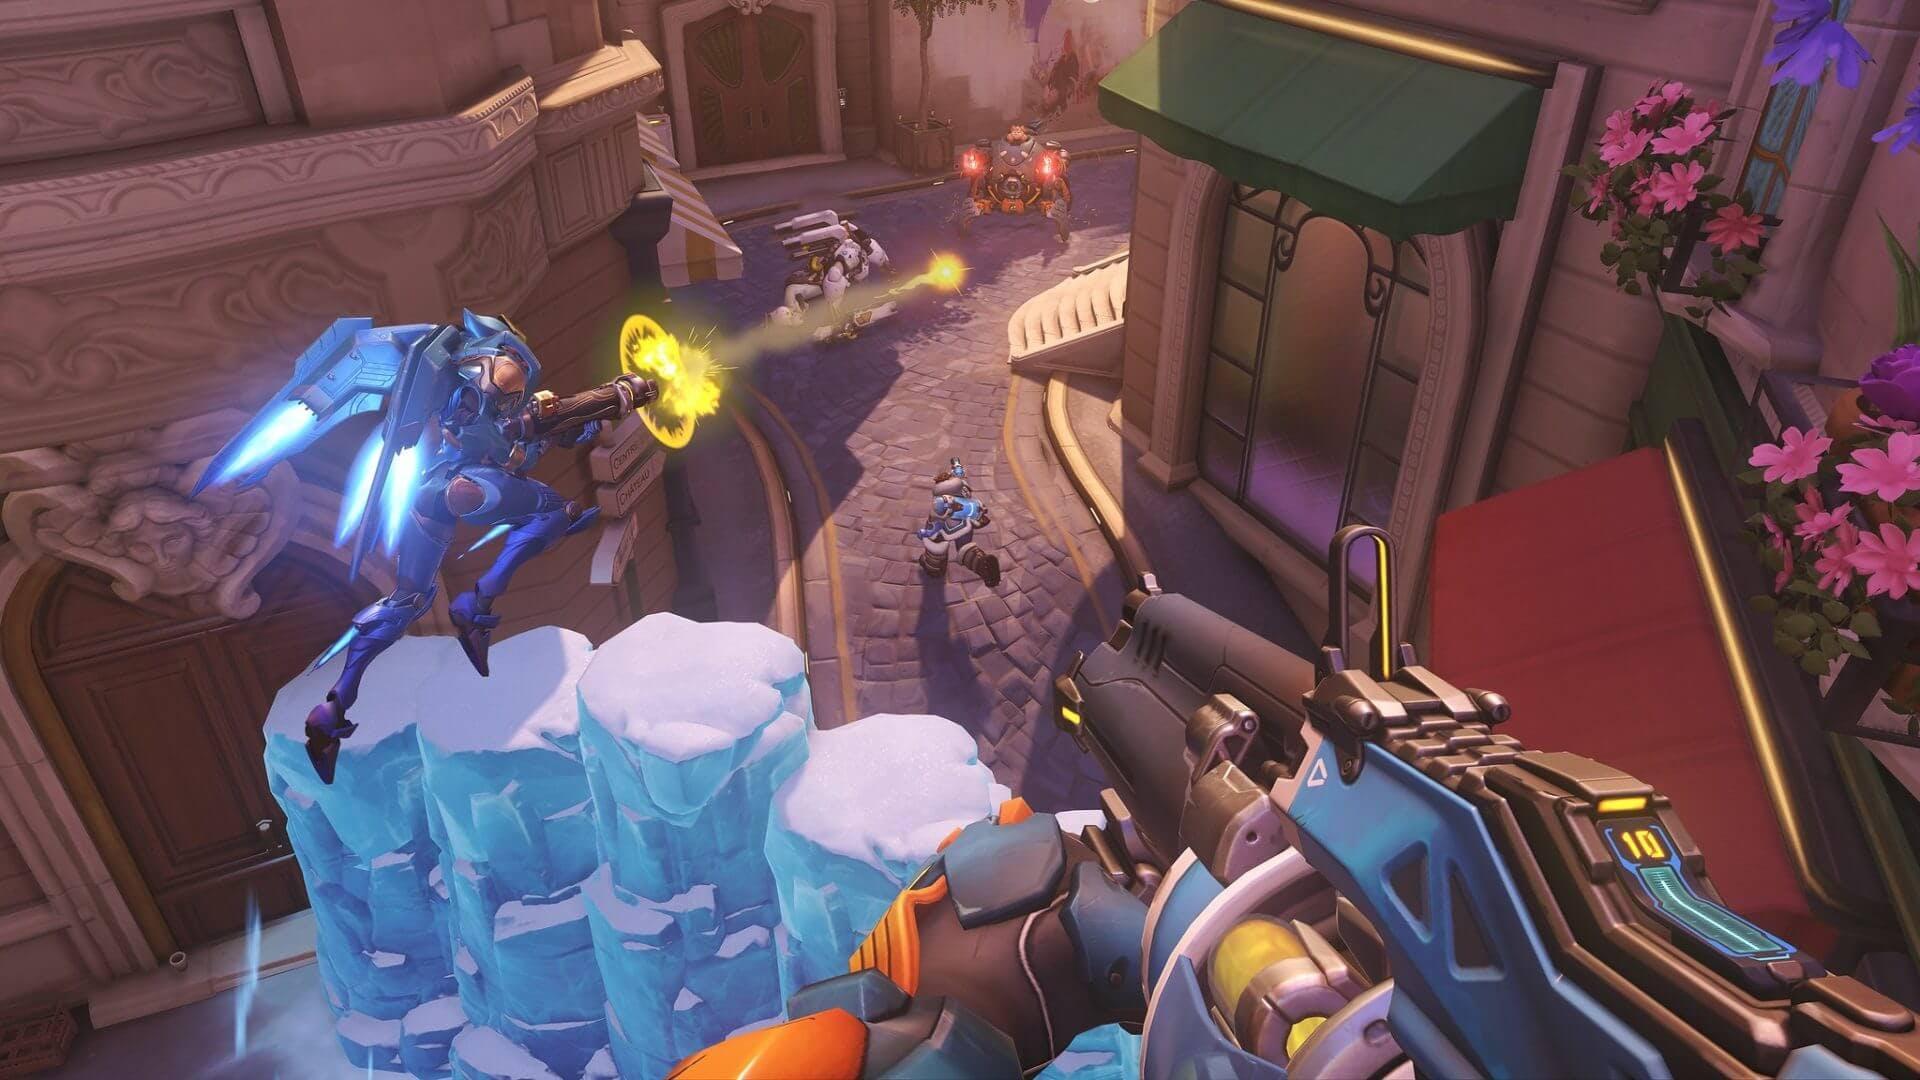 overwatch-pc-game-screenshot